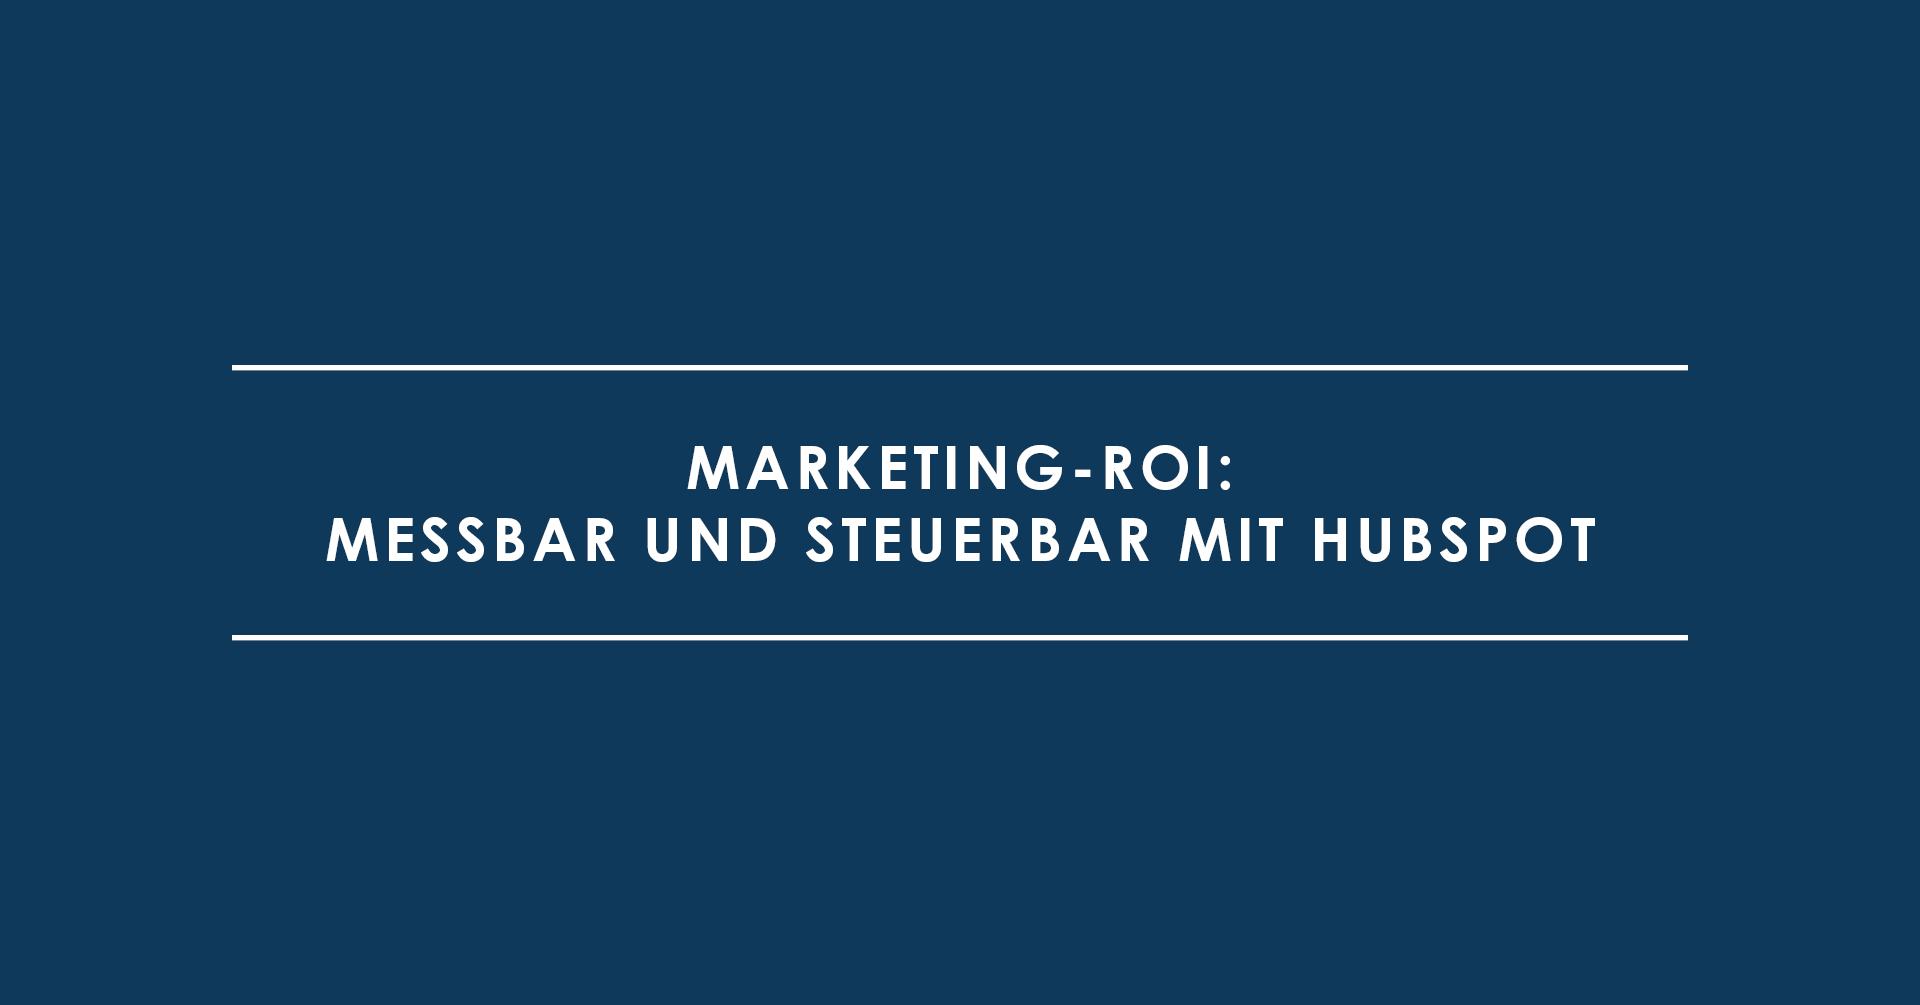 Marketing-ROI: messbar und steuerbar mit HubSpot